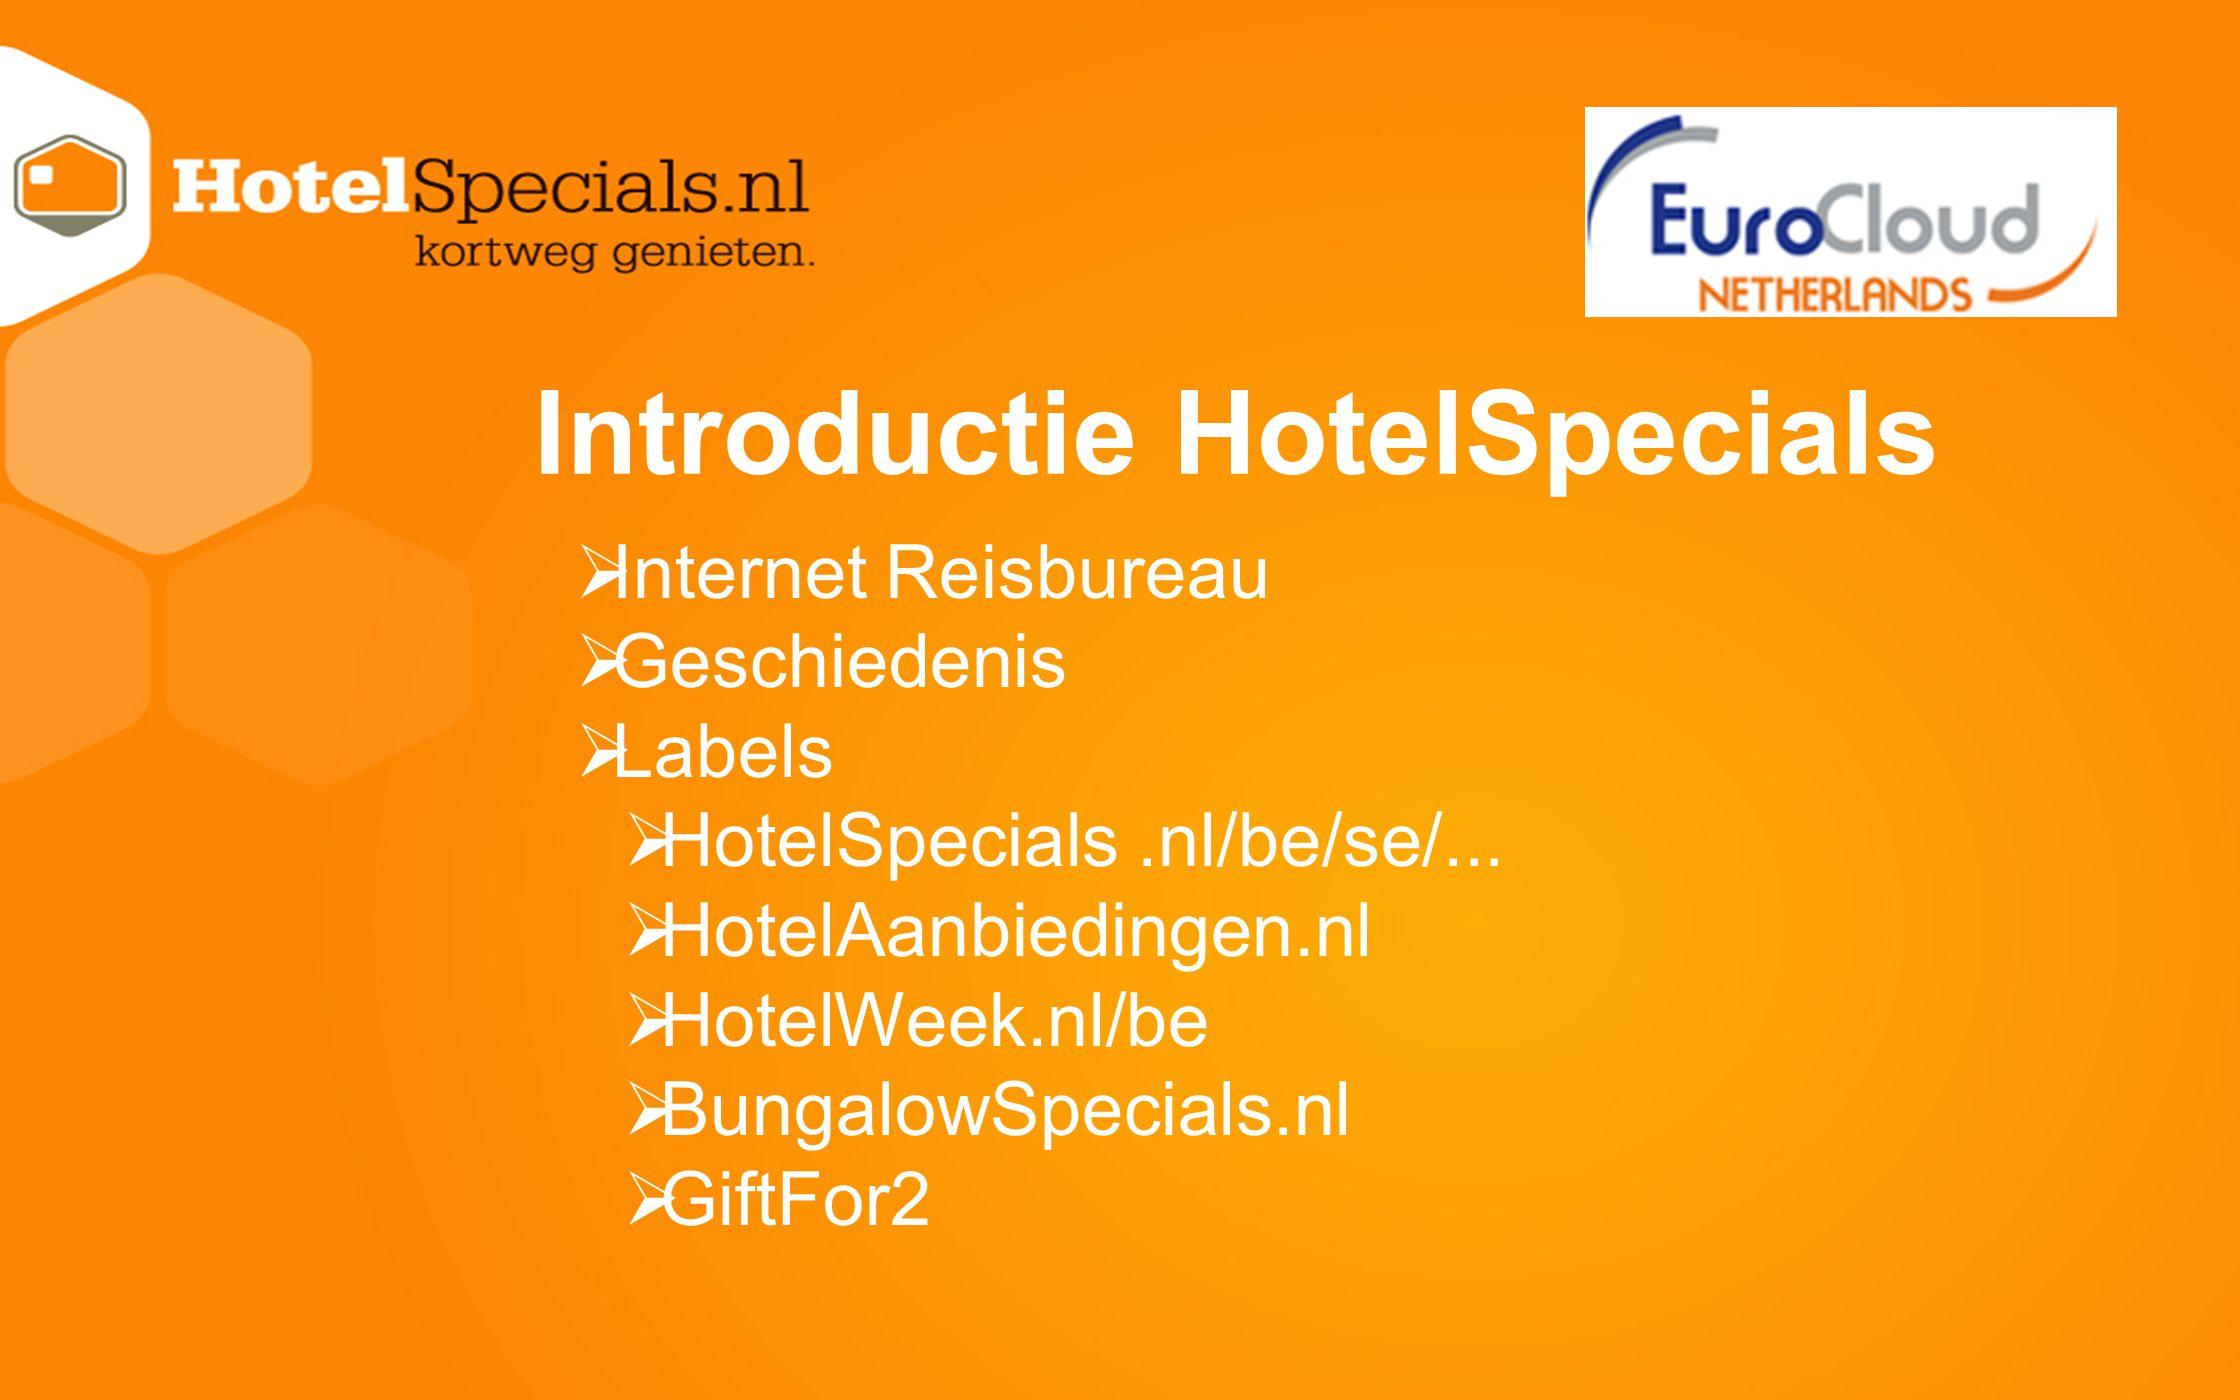 Introductie HotelSpecials